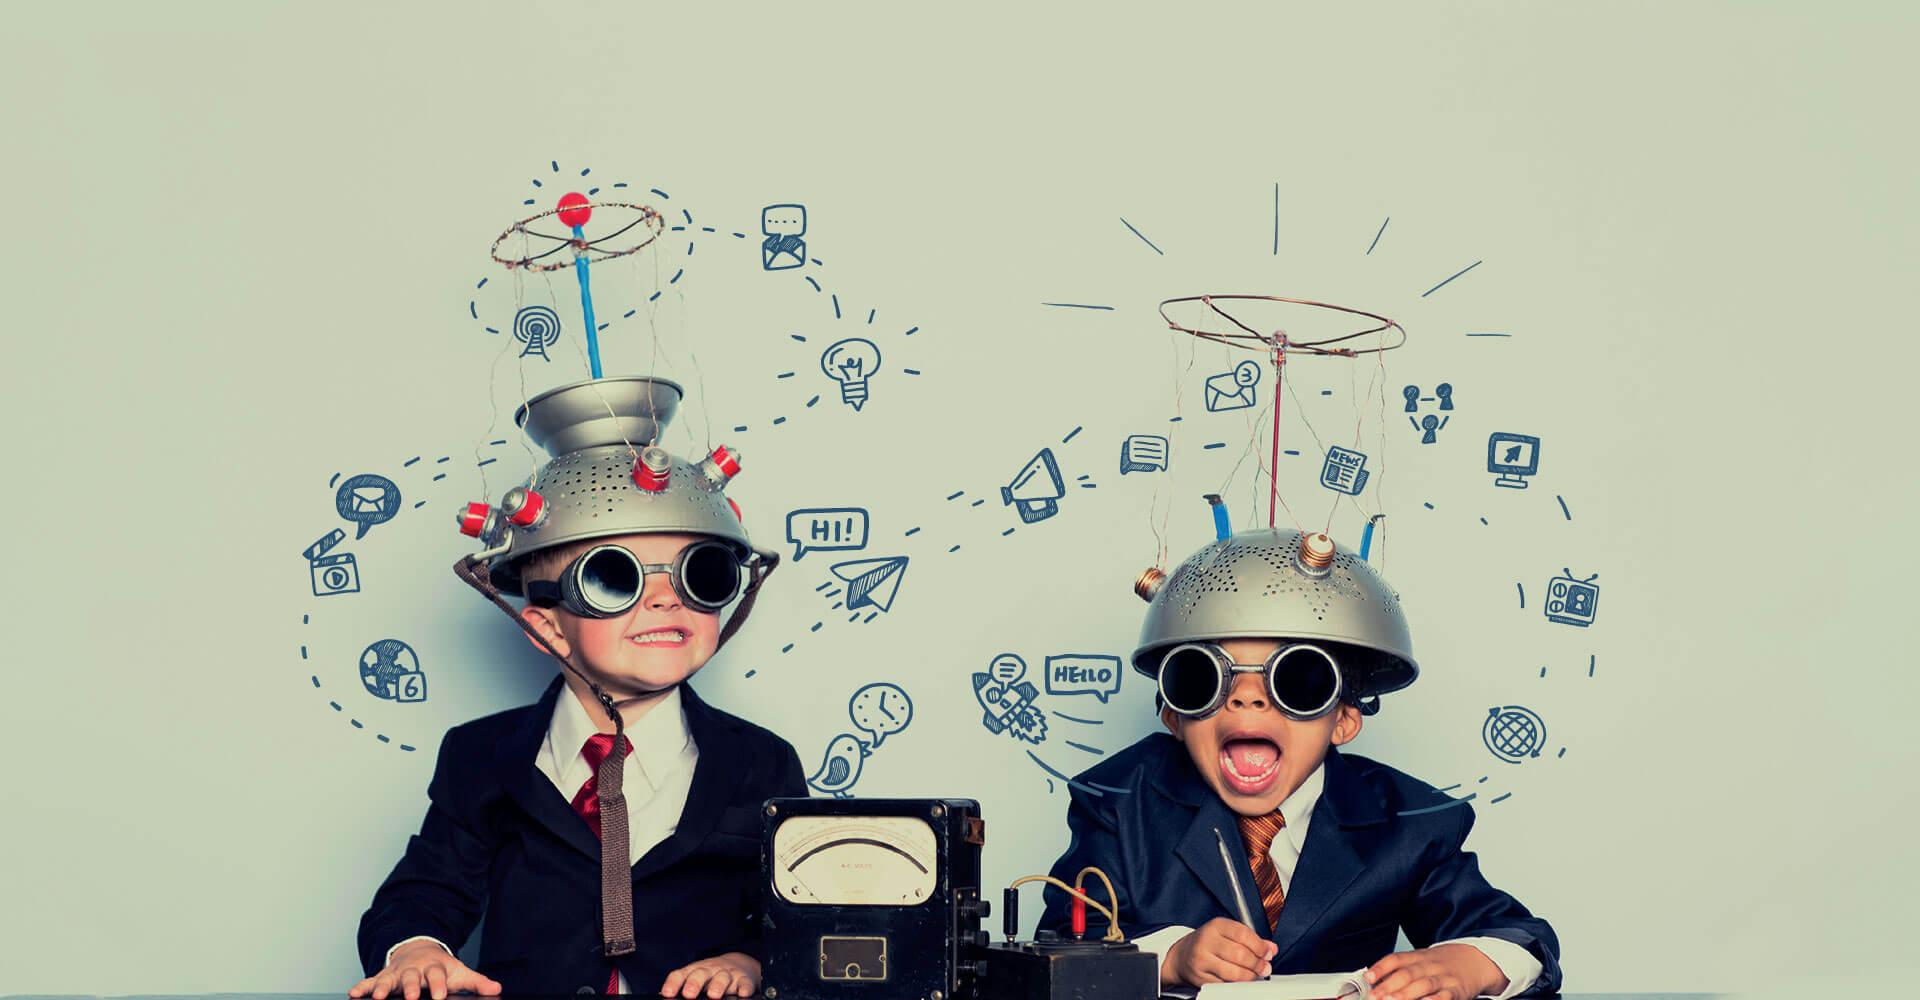 We zijn een multidisciplinair creatief communicatiebureau